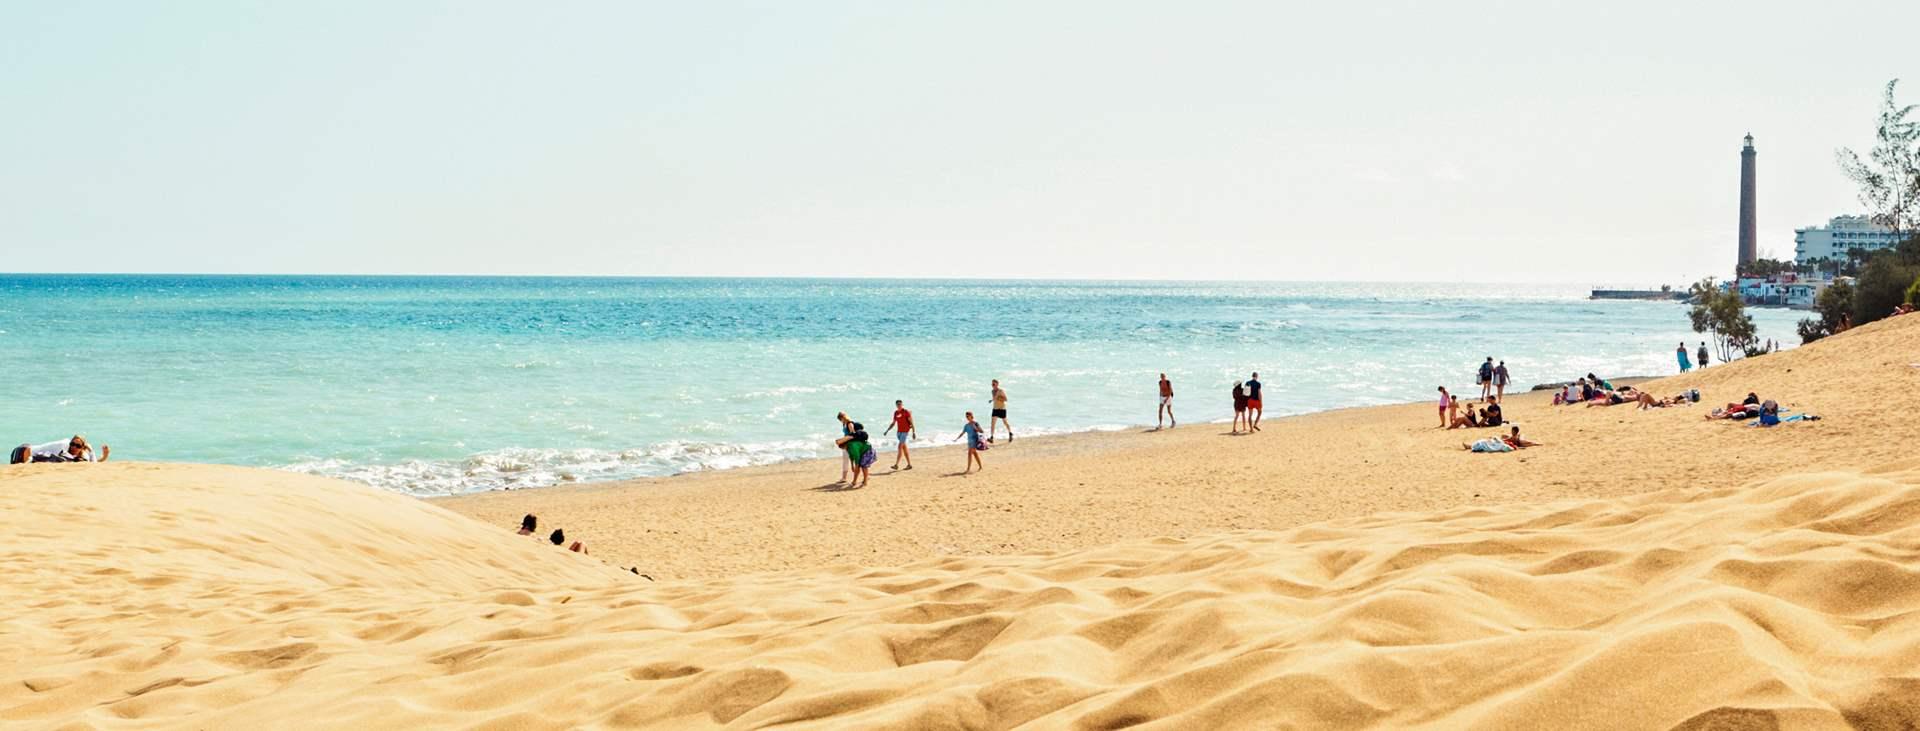 Boka din resa till Costa Meloneras på Gran Canaria med Ving